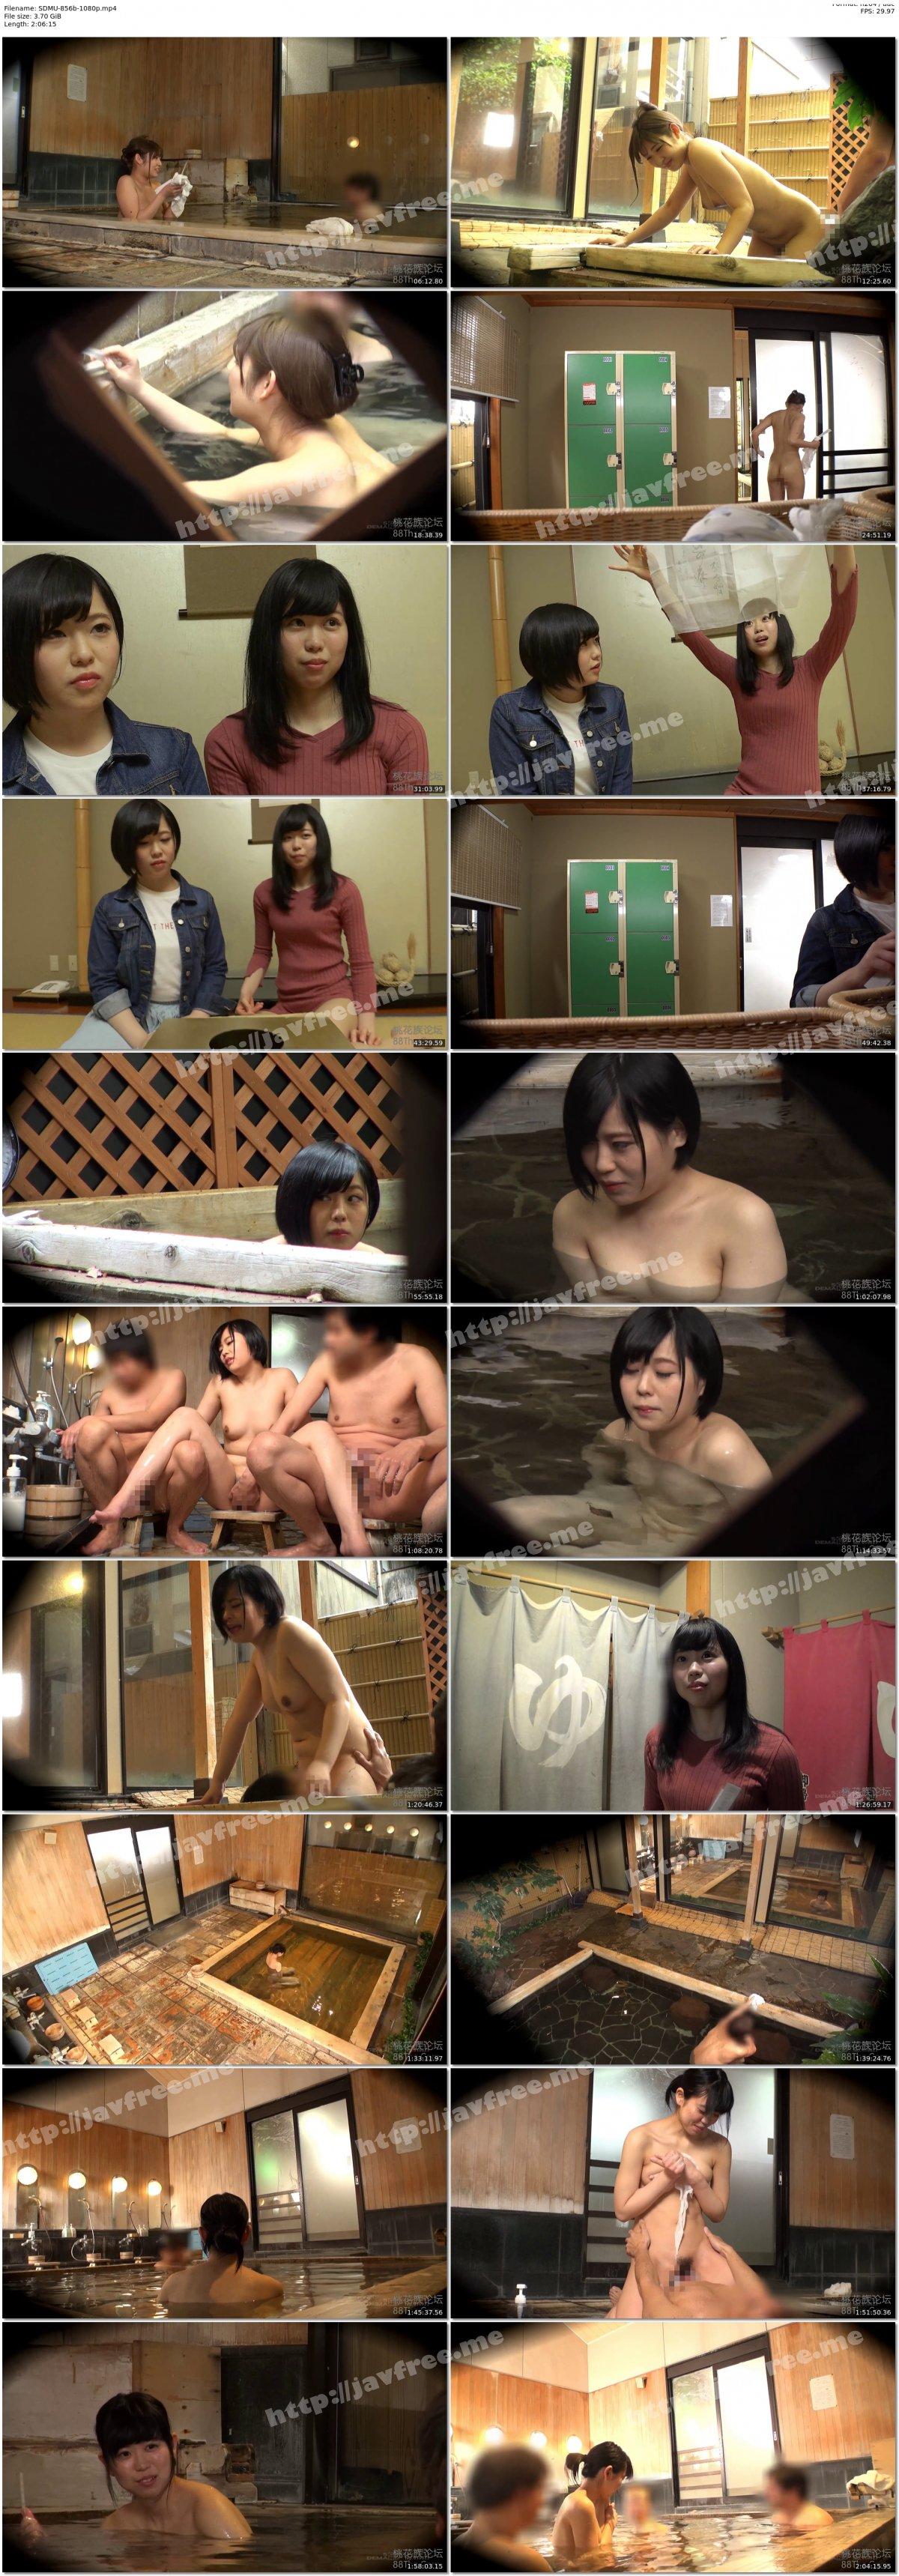 [HD][SDMU-856] 箱根湯本温泉で見つけたお嬢さん タオル一枚 男湯入ってみませんか?~歴代ミッションの中からユーザーが選んだ超人気ミッションBEST20~全編撮り下ろし8時間SP!!